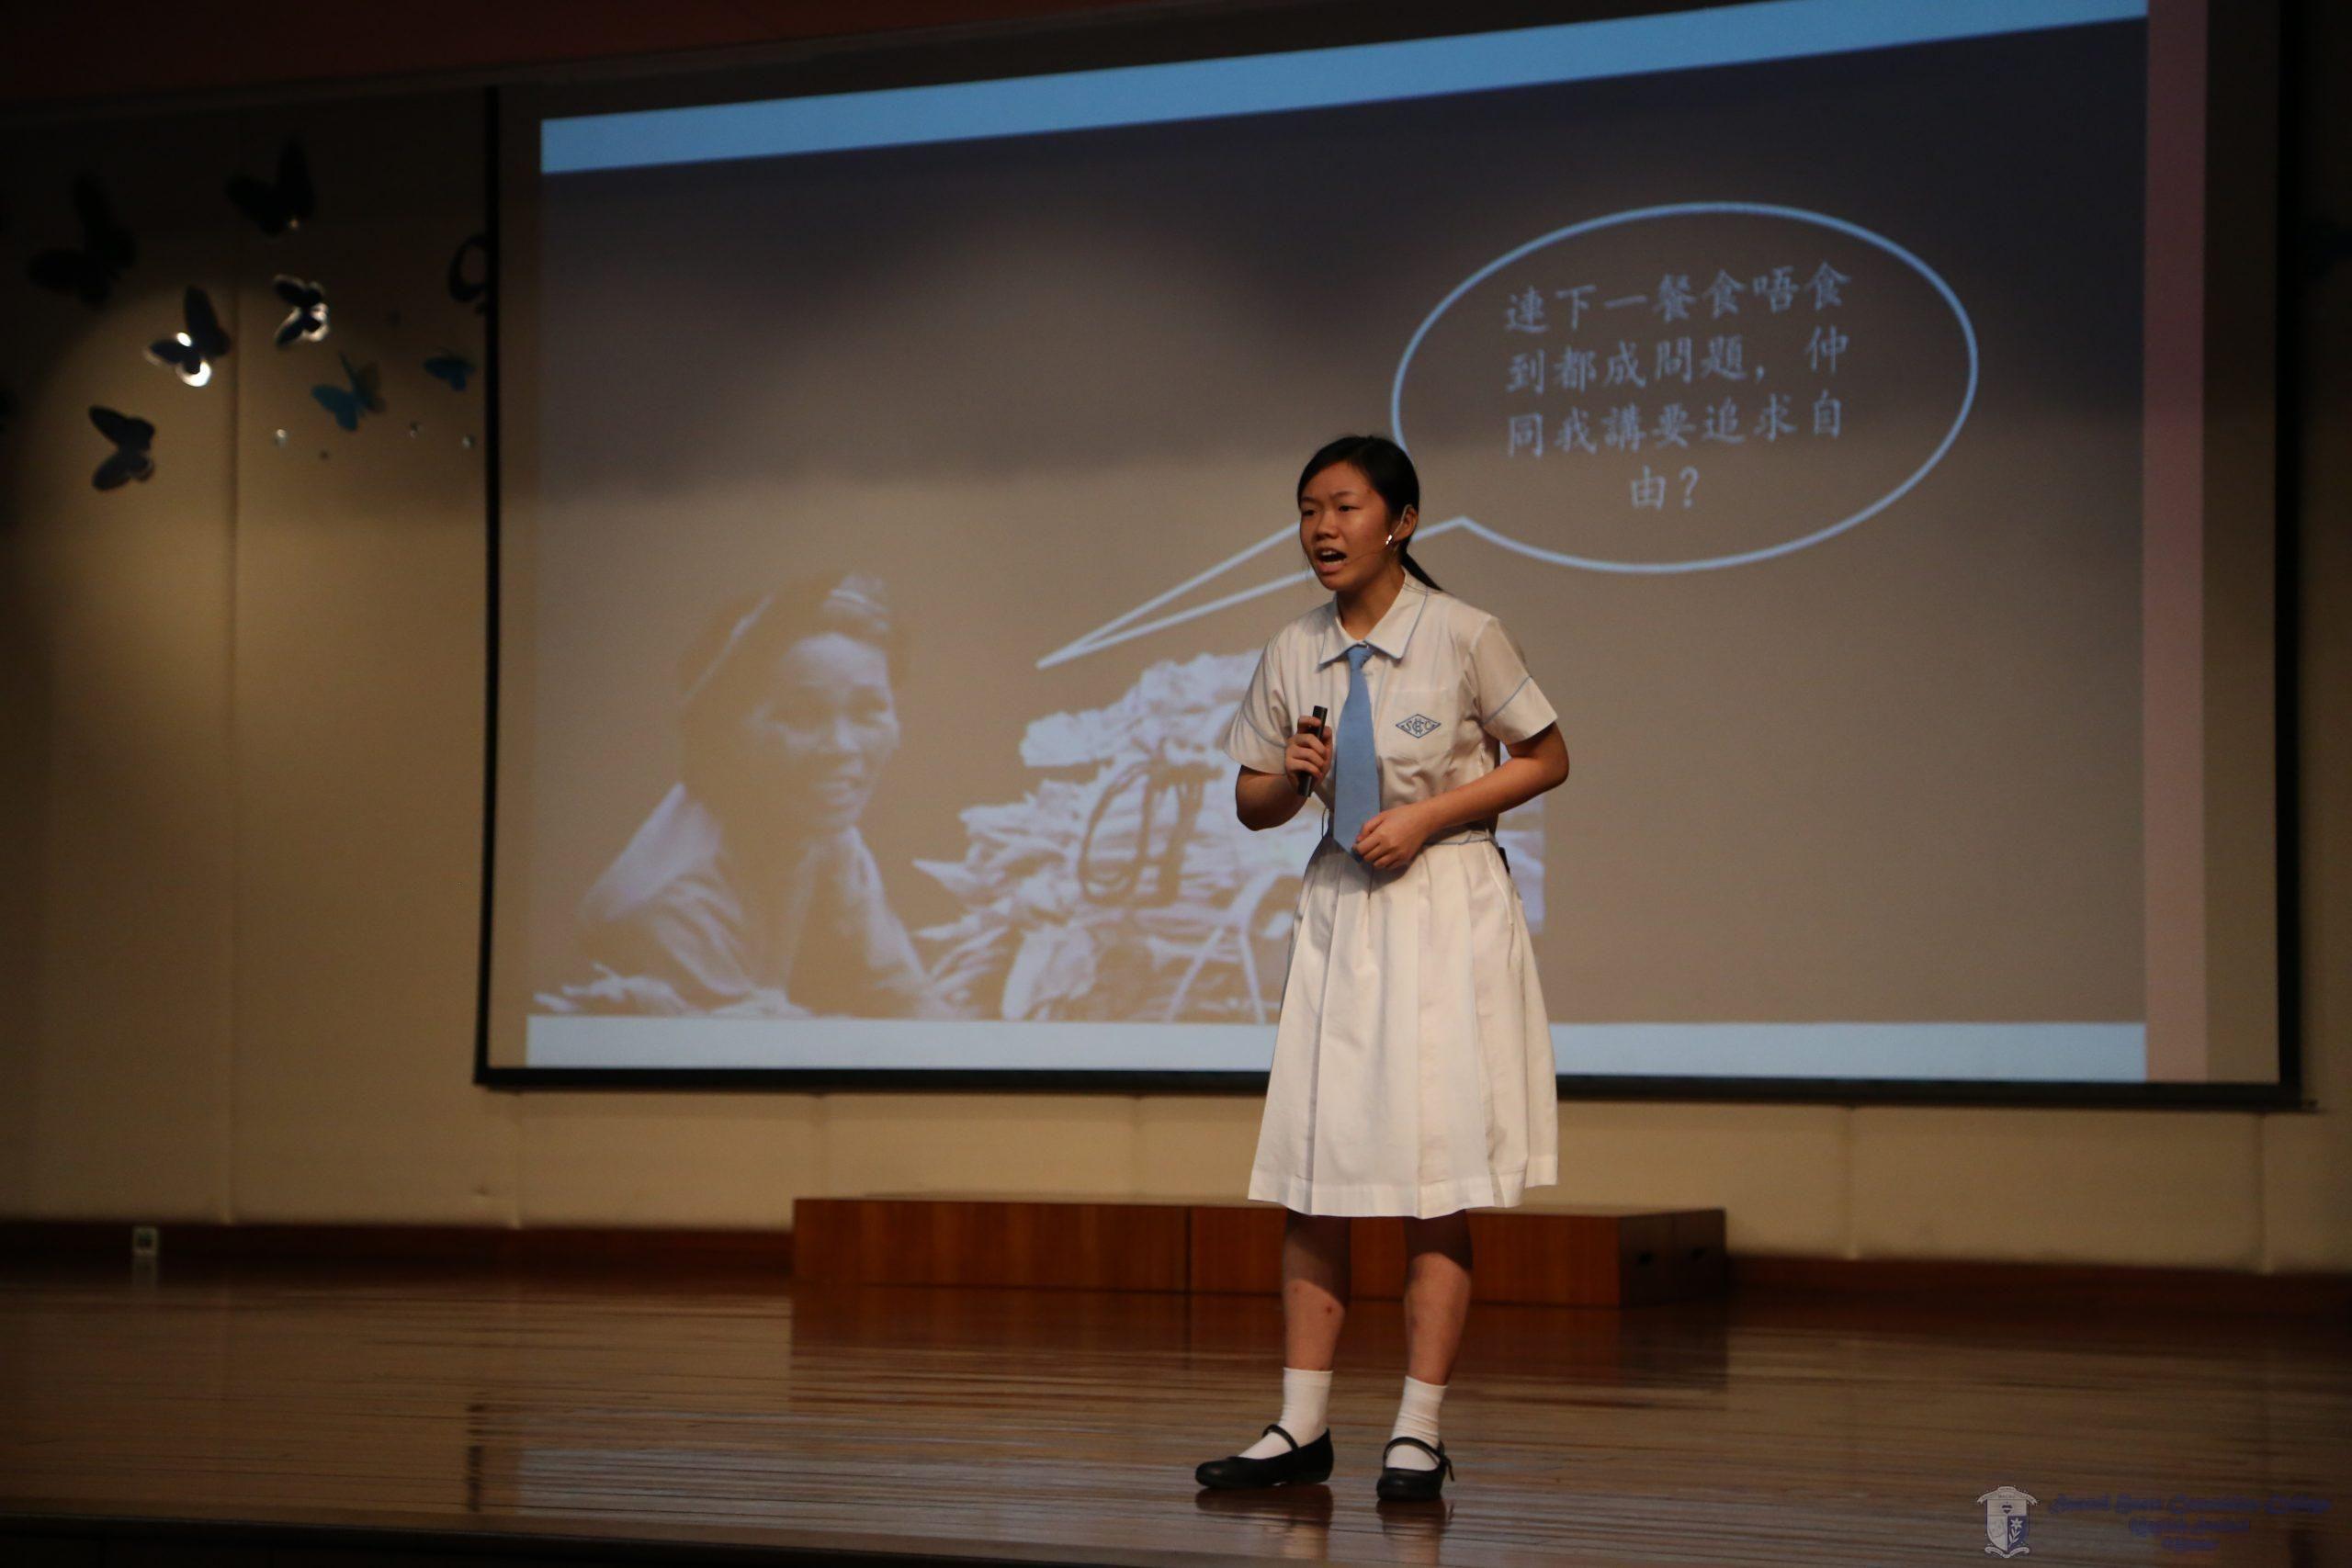 參賽者正在演講主題「這是最好的年代」1